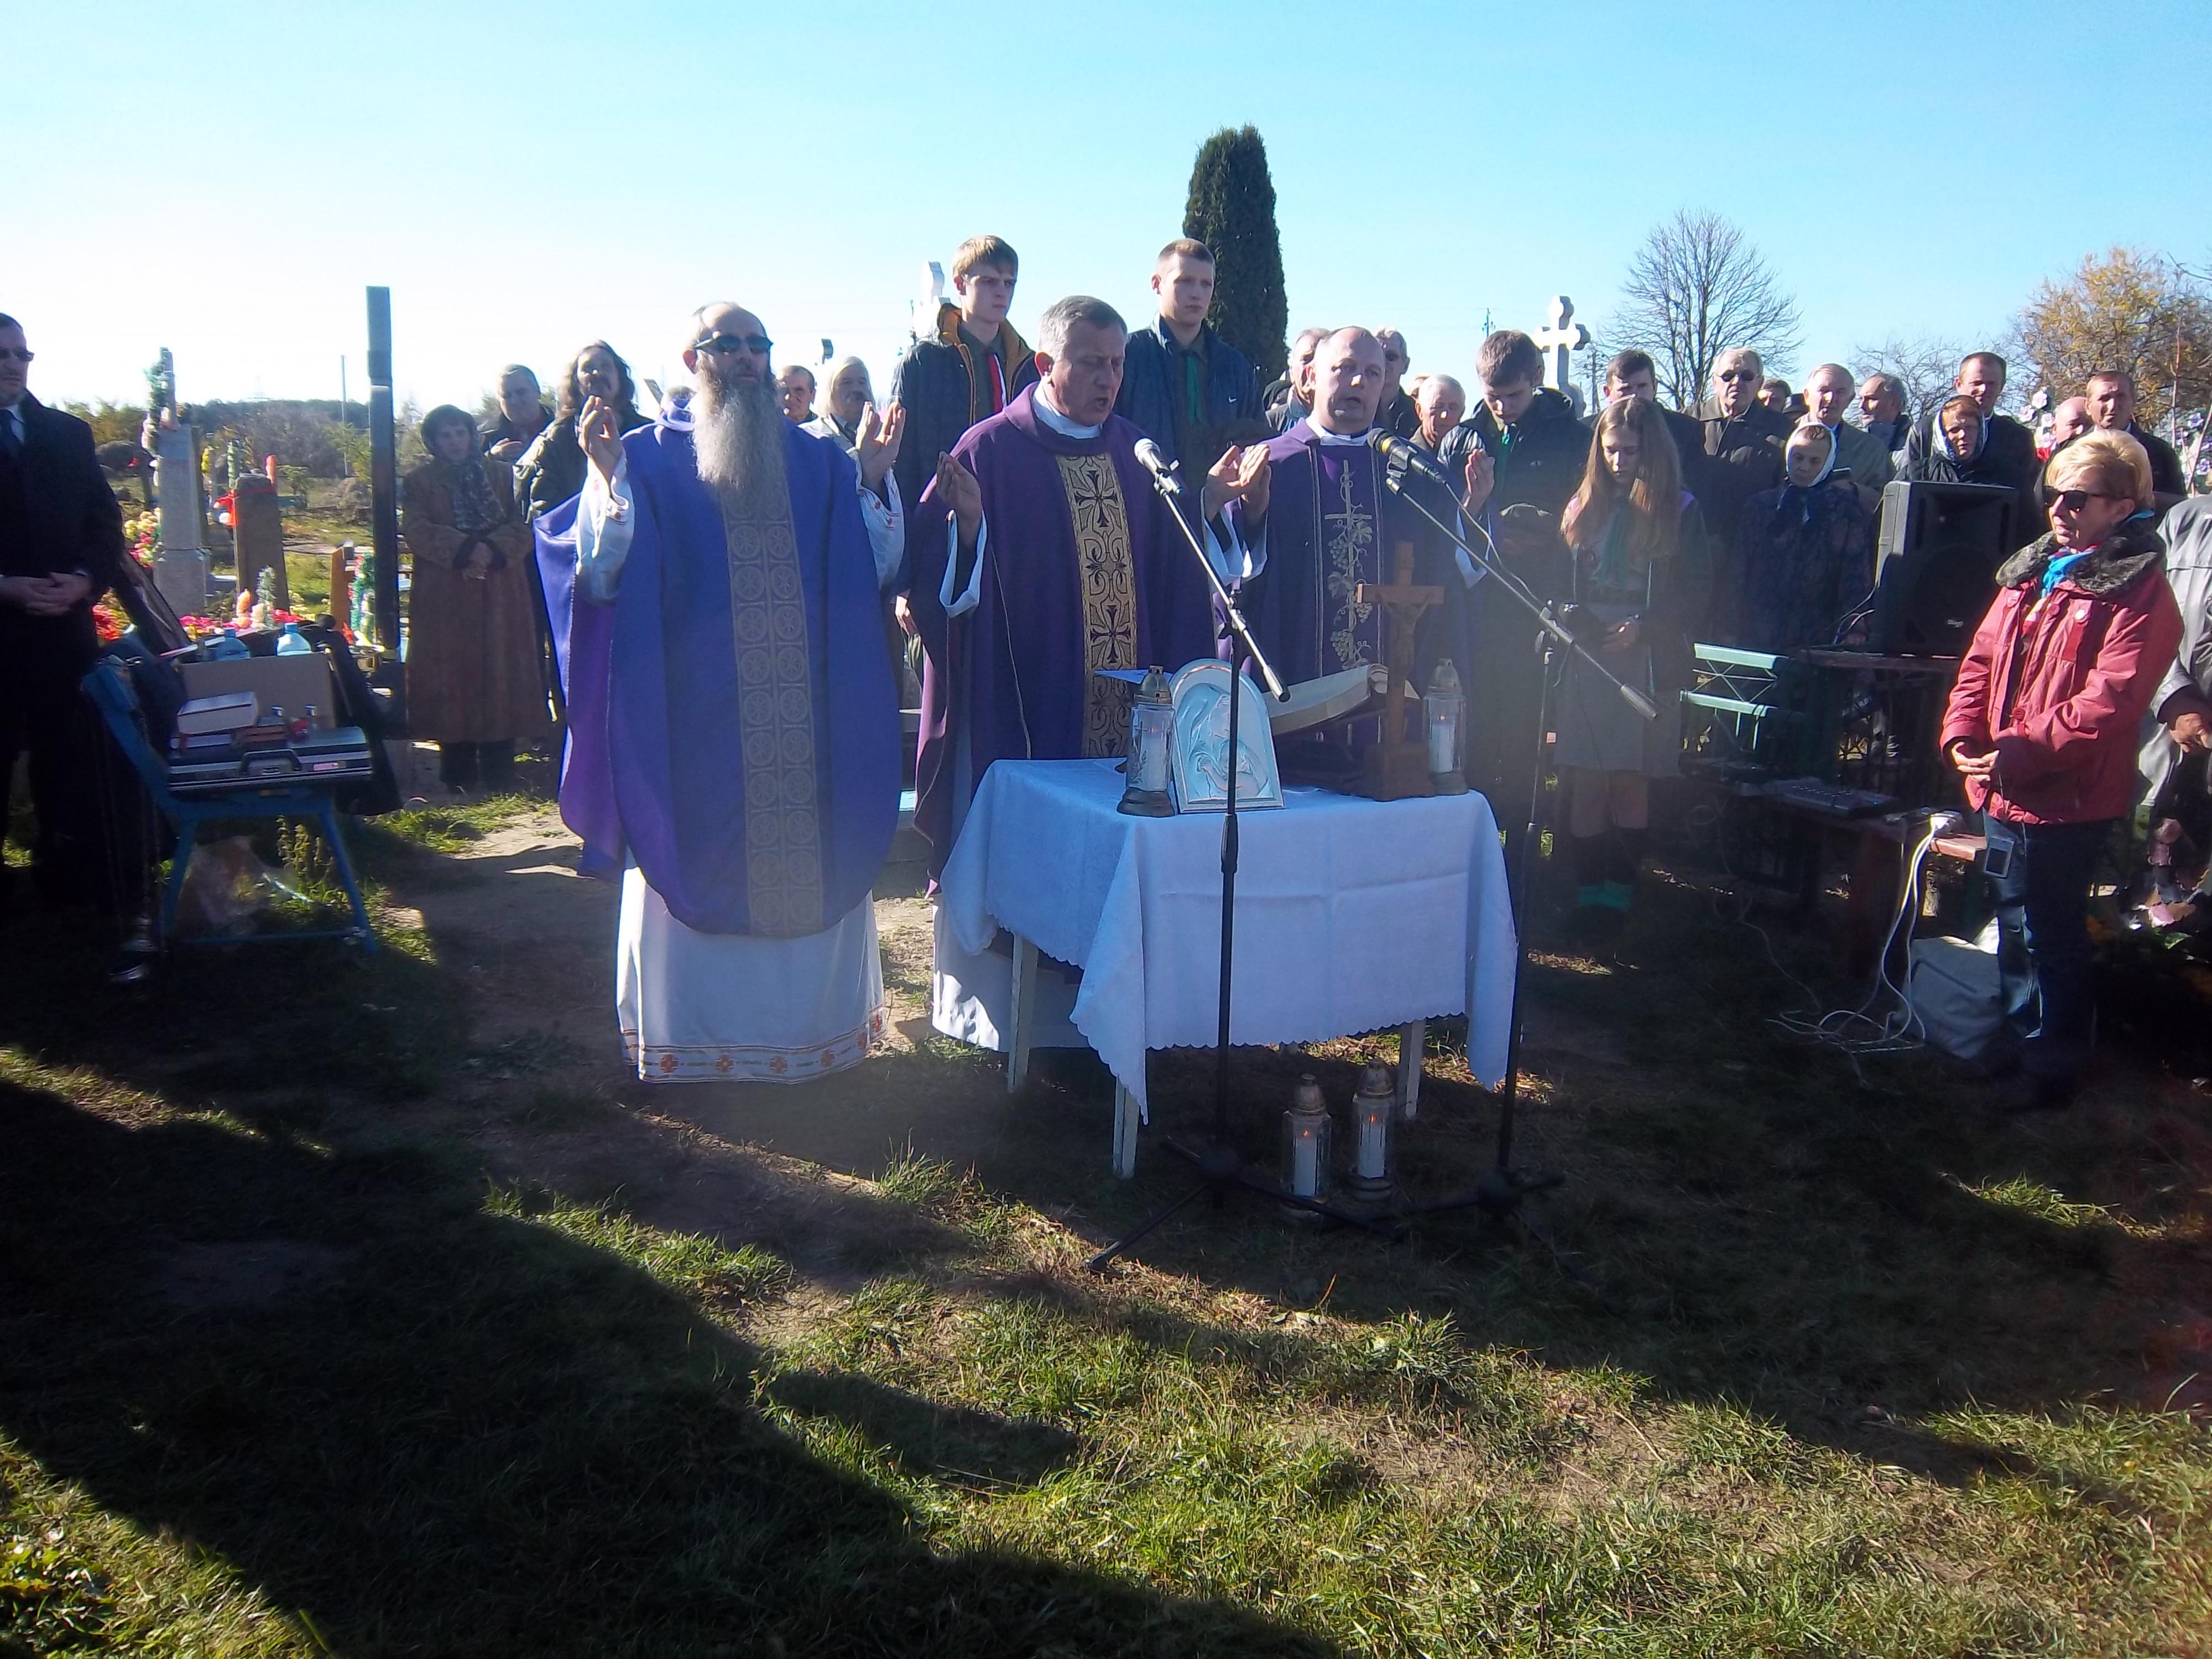 Богослужение проводили 3 священника из города Хелм